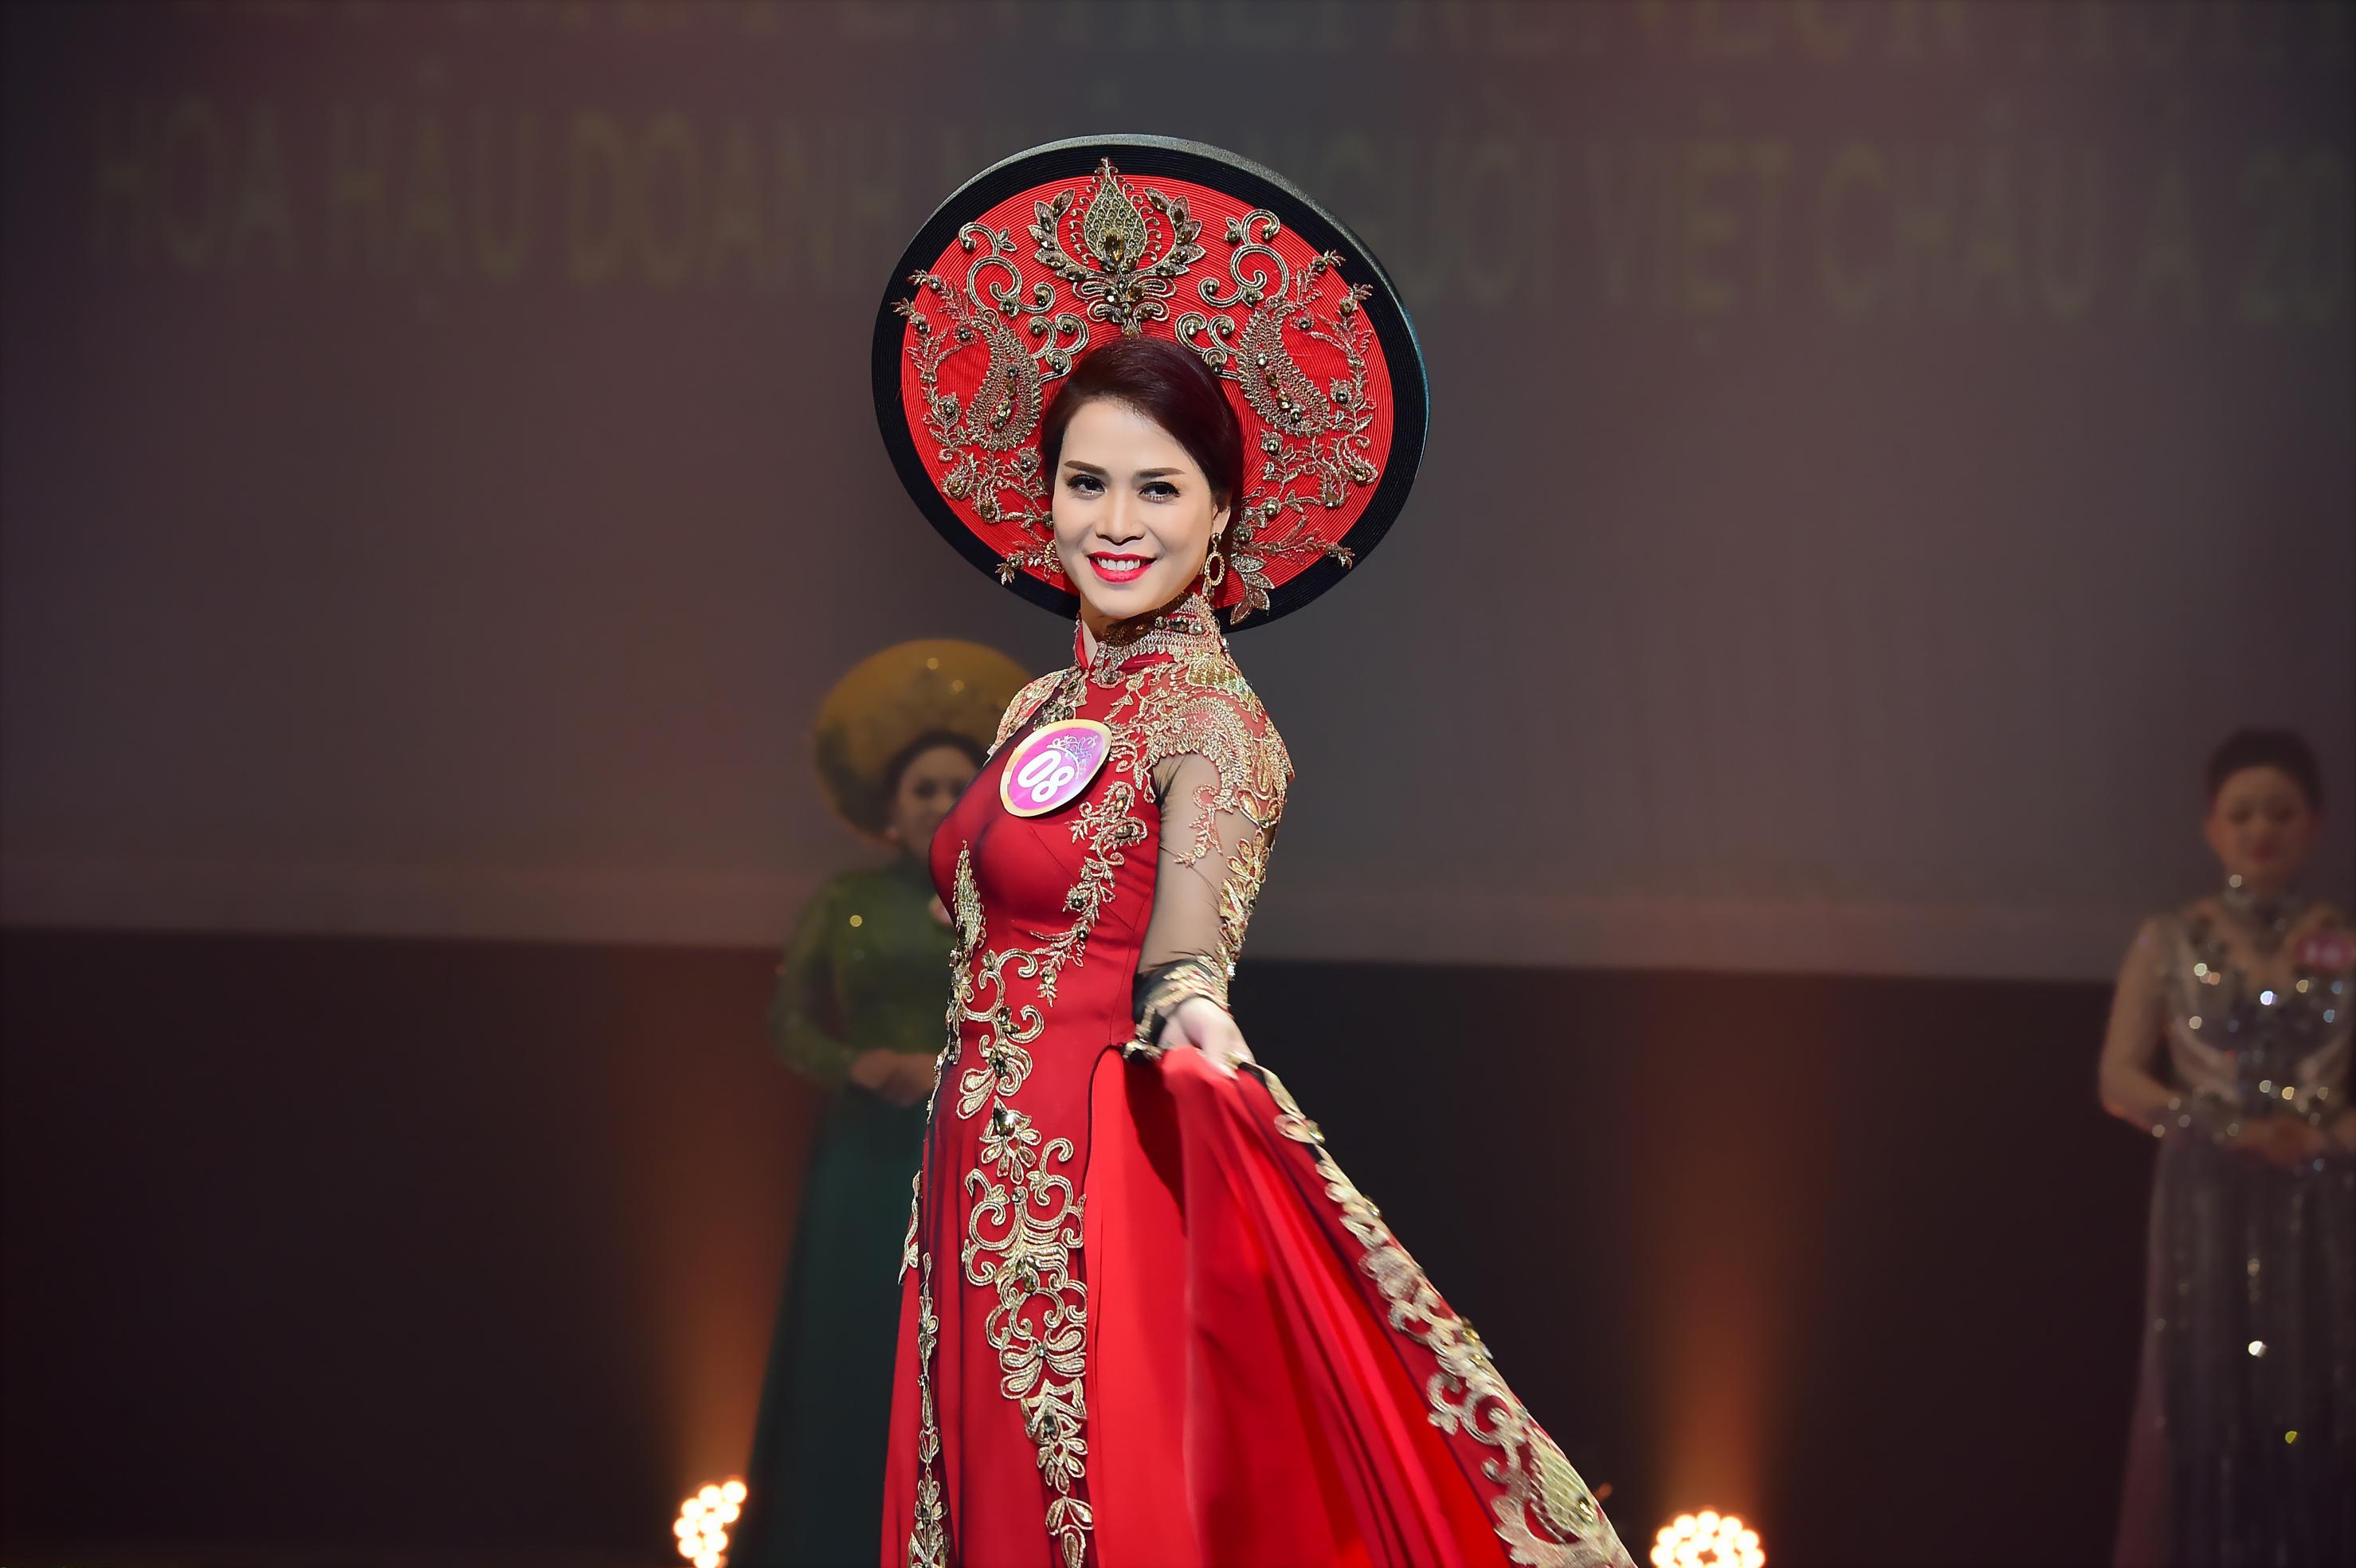 Giám đốc Trần Ngọc Lan đăng quang Á hậu 1 Doanh nhân người Việt châu Á 2017